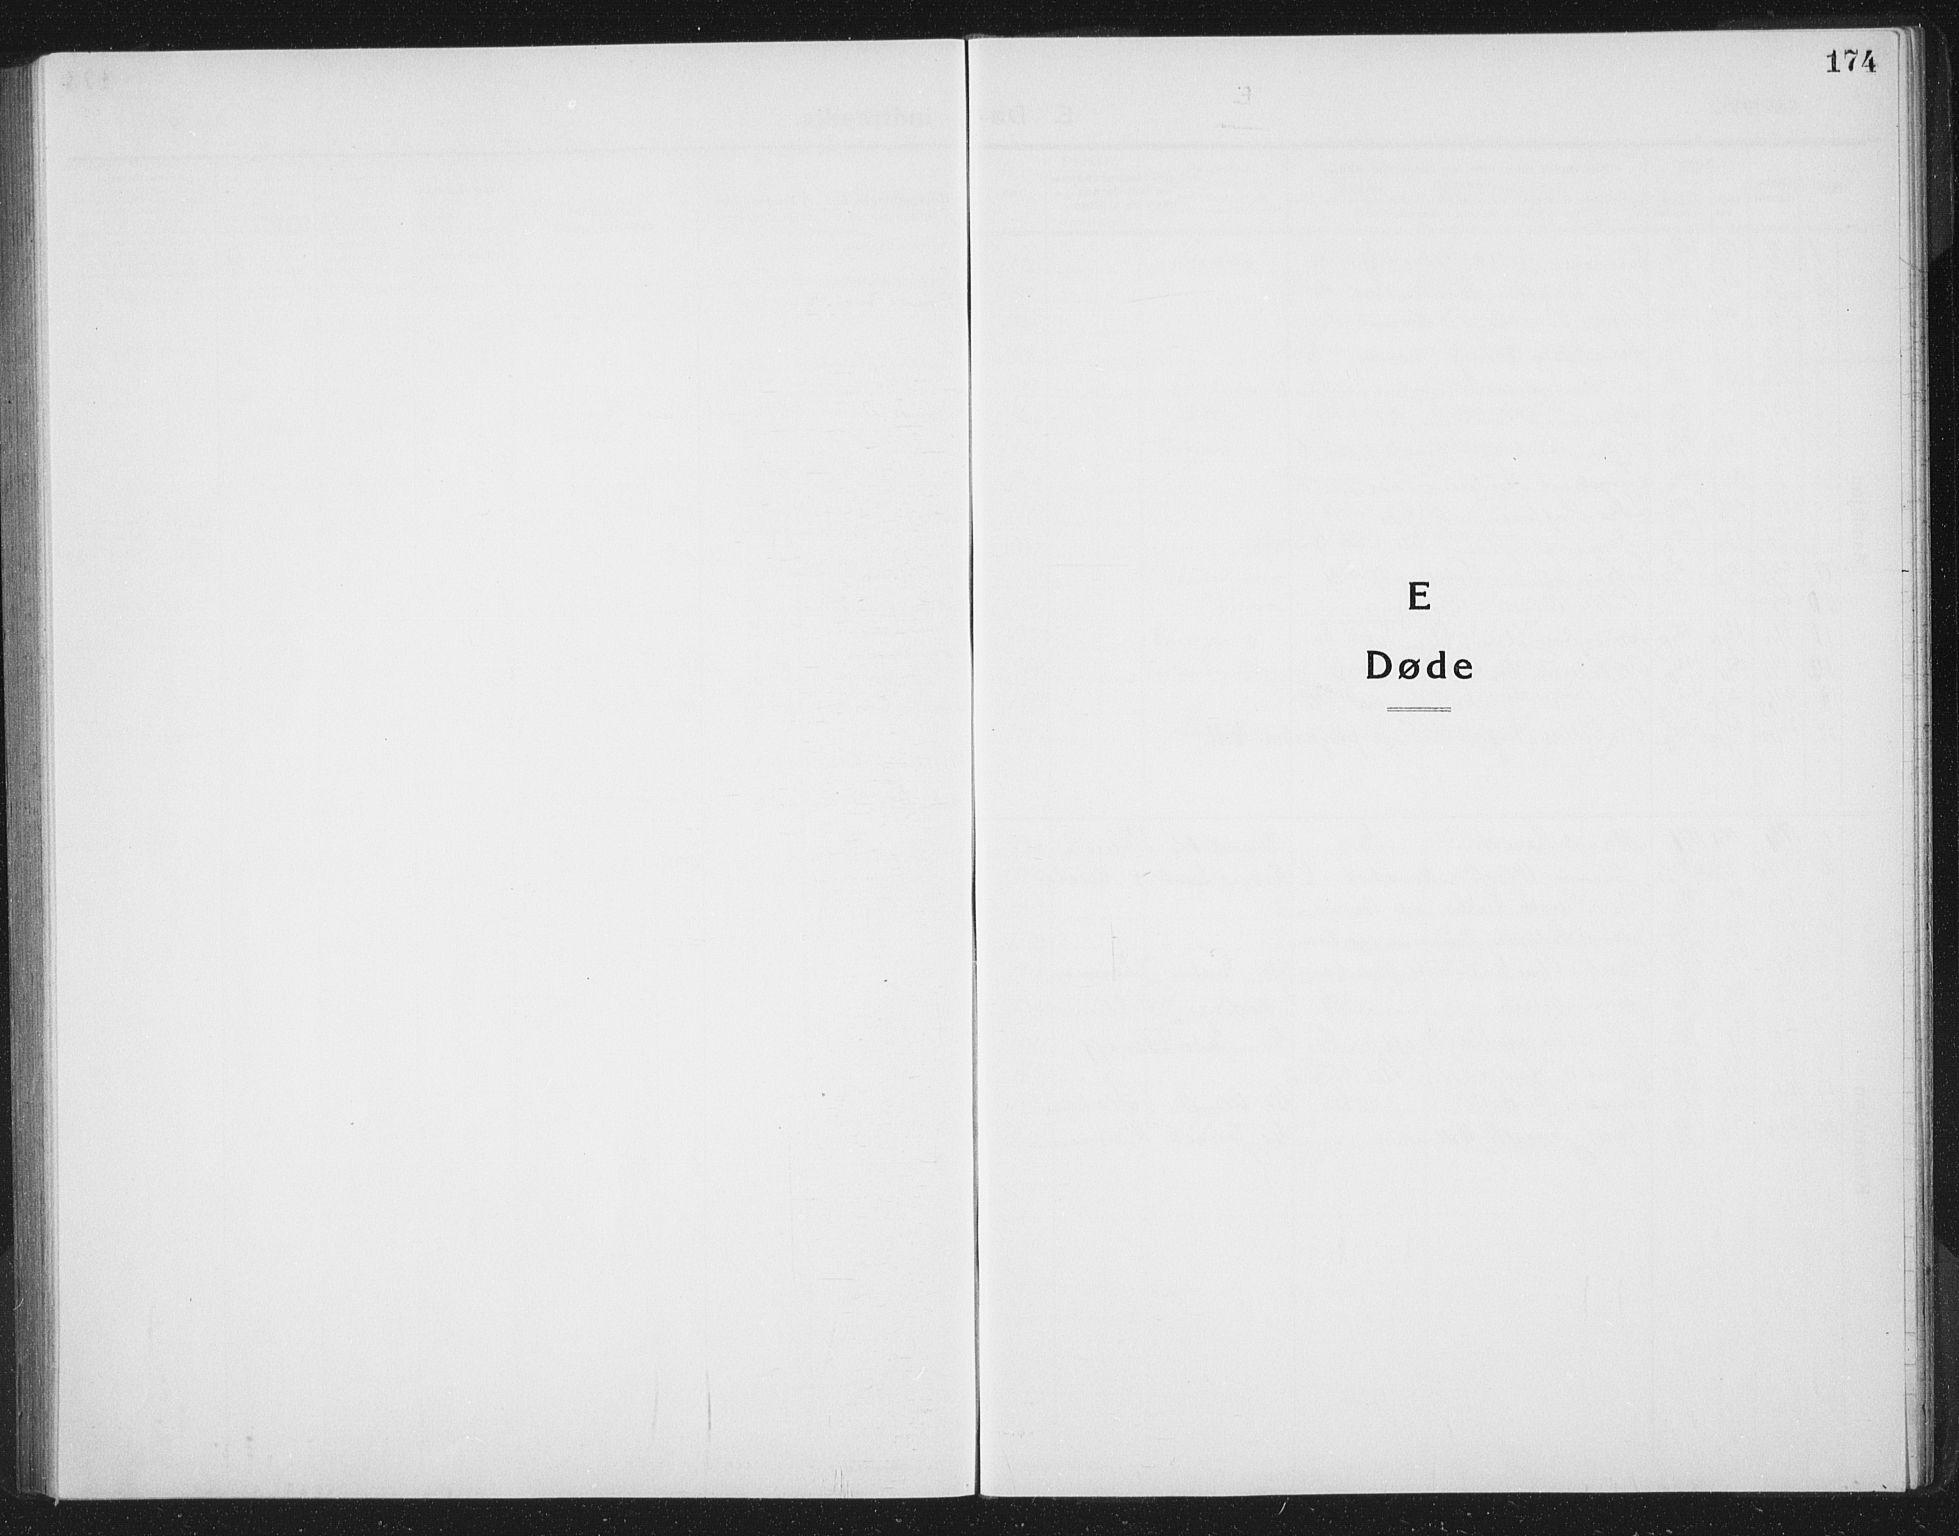 SAT, Ministerialprotokoller, klokkerbøker og fødselsregistre - Sør-Trøndelag, 665/L0778: Klokkerbok nr. 665C03, 1916-1938, s. 174